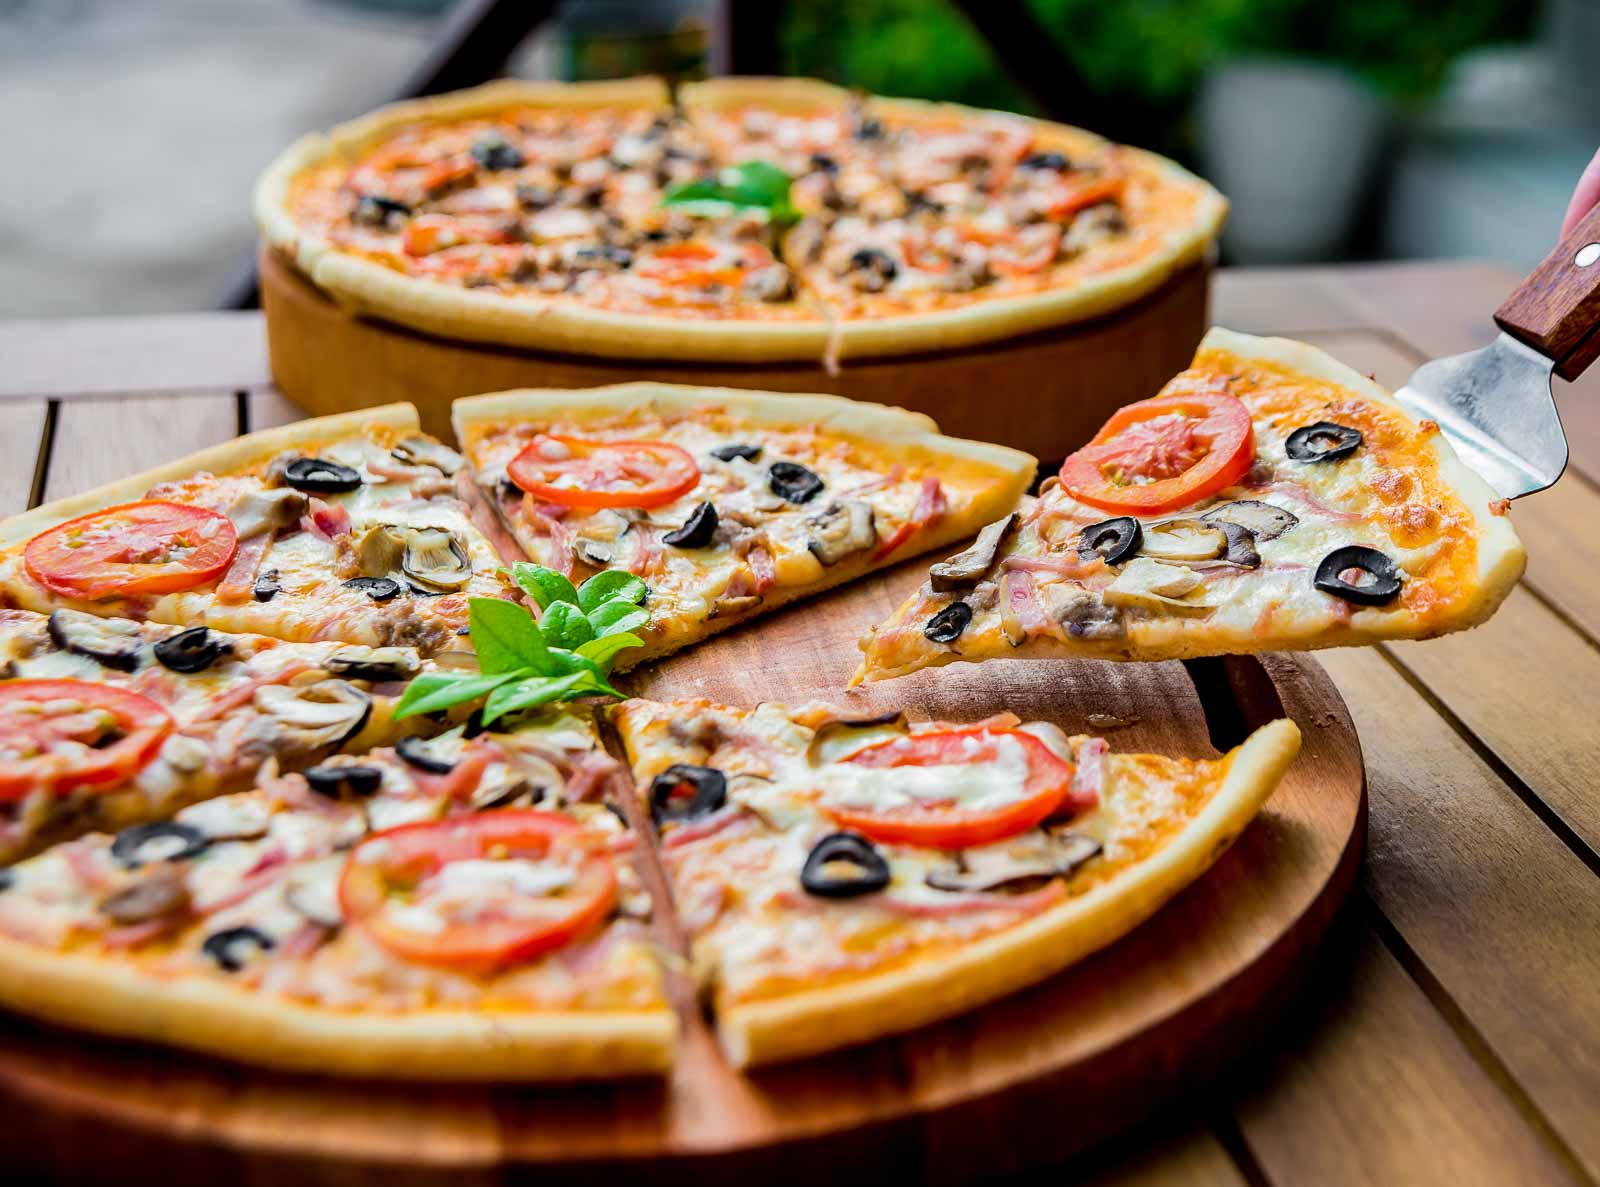 RÖMISCHE FERIEN - Urlaubserinnerungen werden wach, wenn wir Sie mit frischen Zutaten in unserer Kochschule auf ein paar italienische Stunden einstimmen.